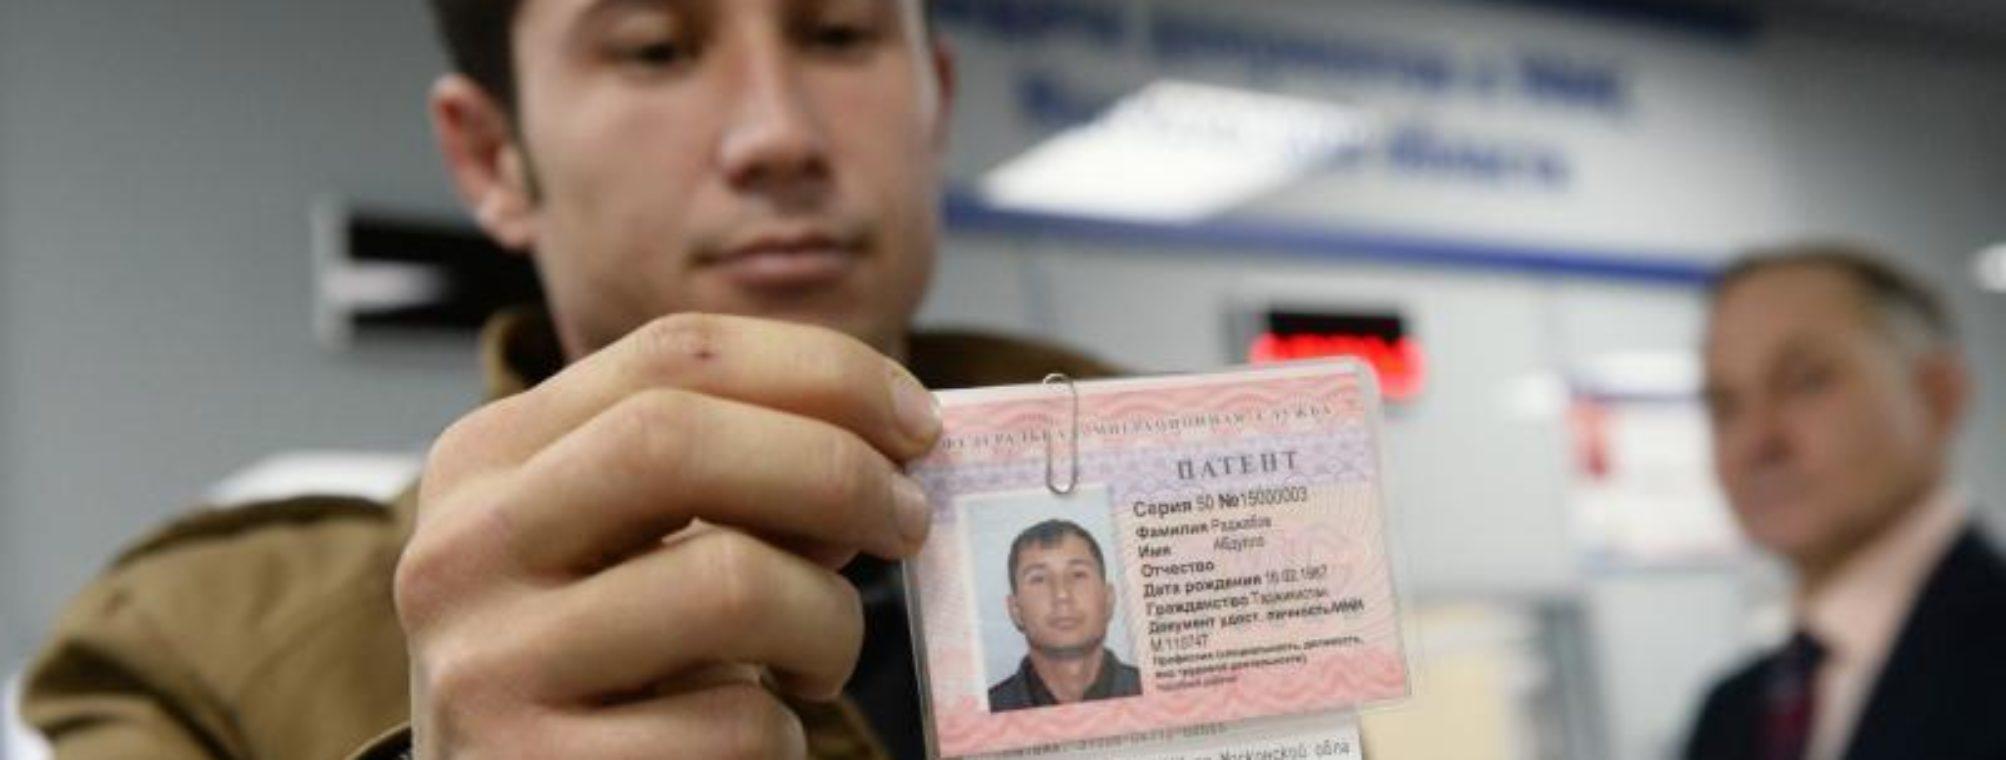 Для каких граждан нужен патент на работу в россии